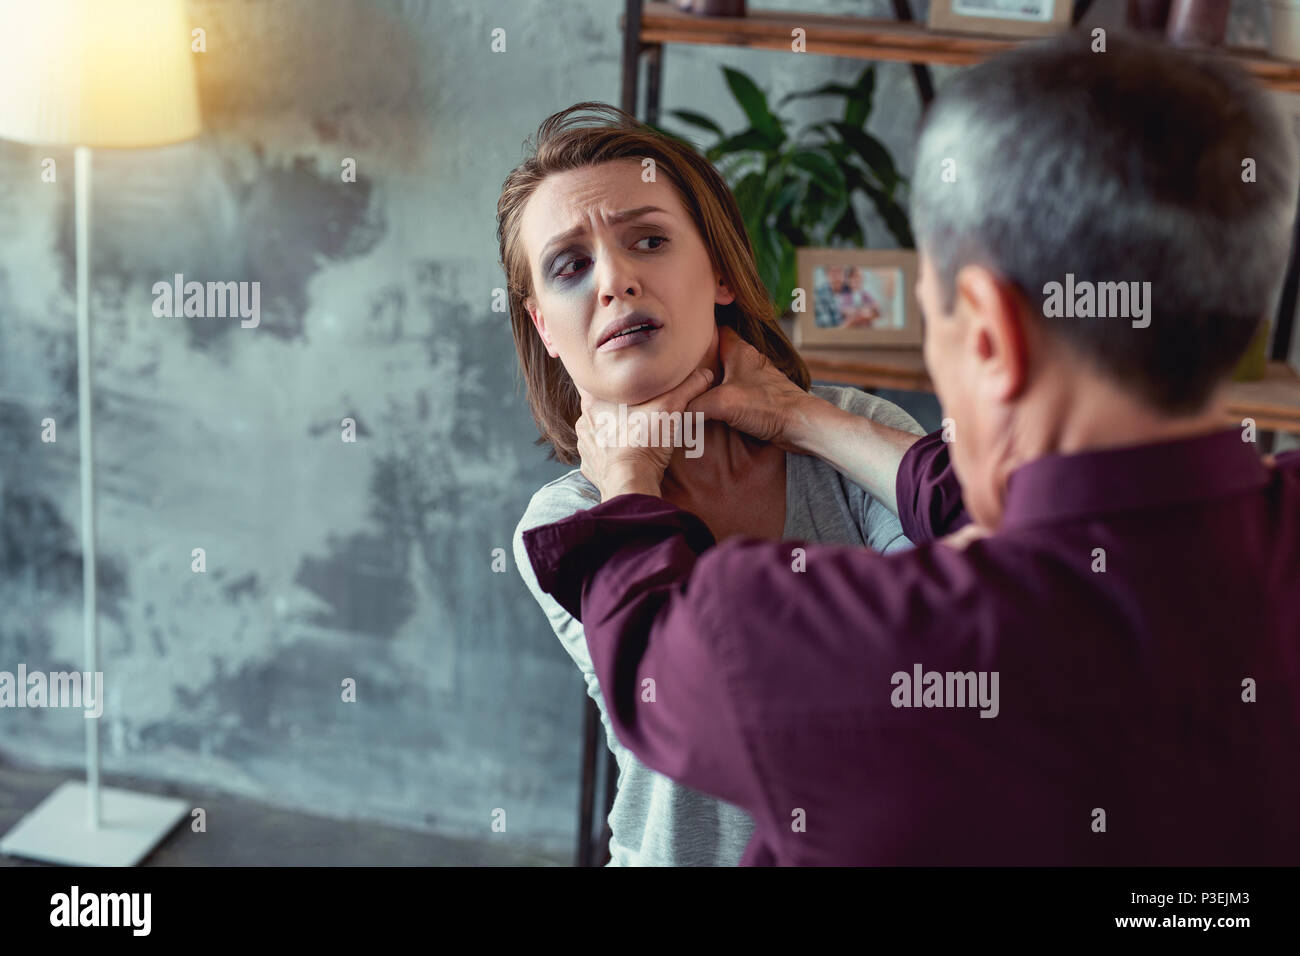 Opfer der Aggression Gefühl sehr erschrocken Stockbild